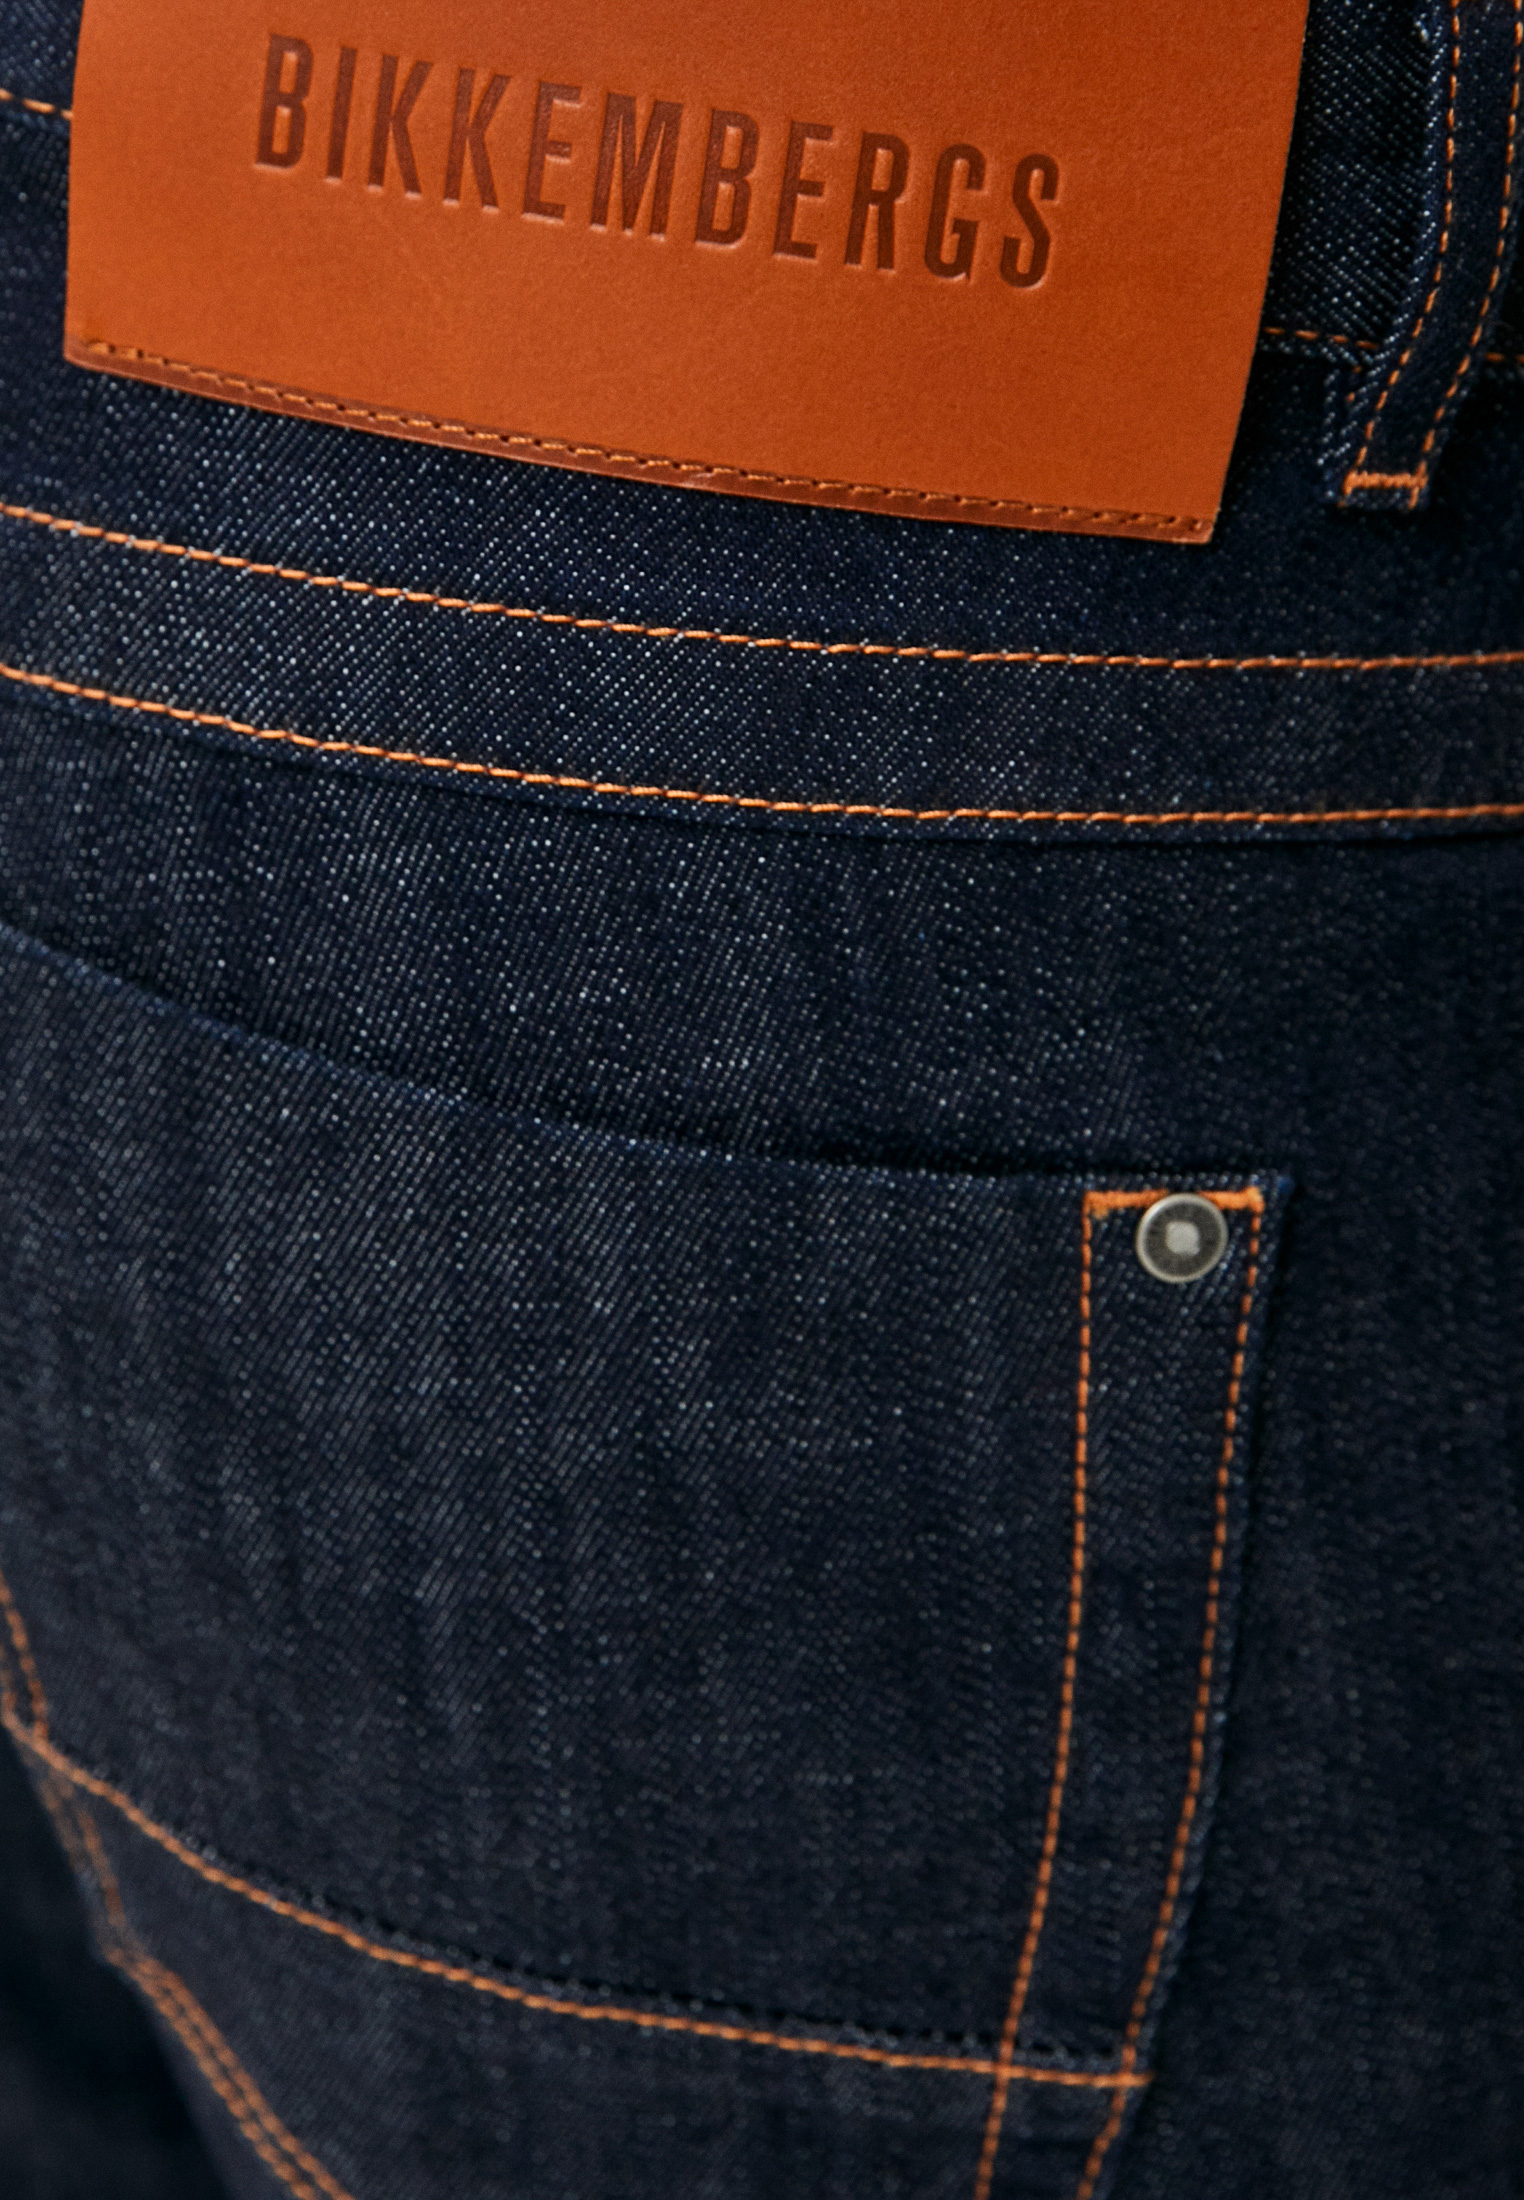 Зауженные джинсы Bikkembergs C Q 101 03 S 3393: изображение 15